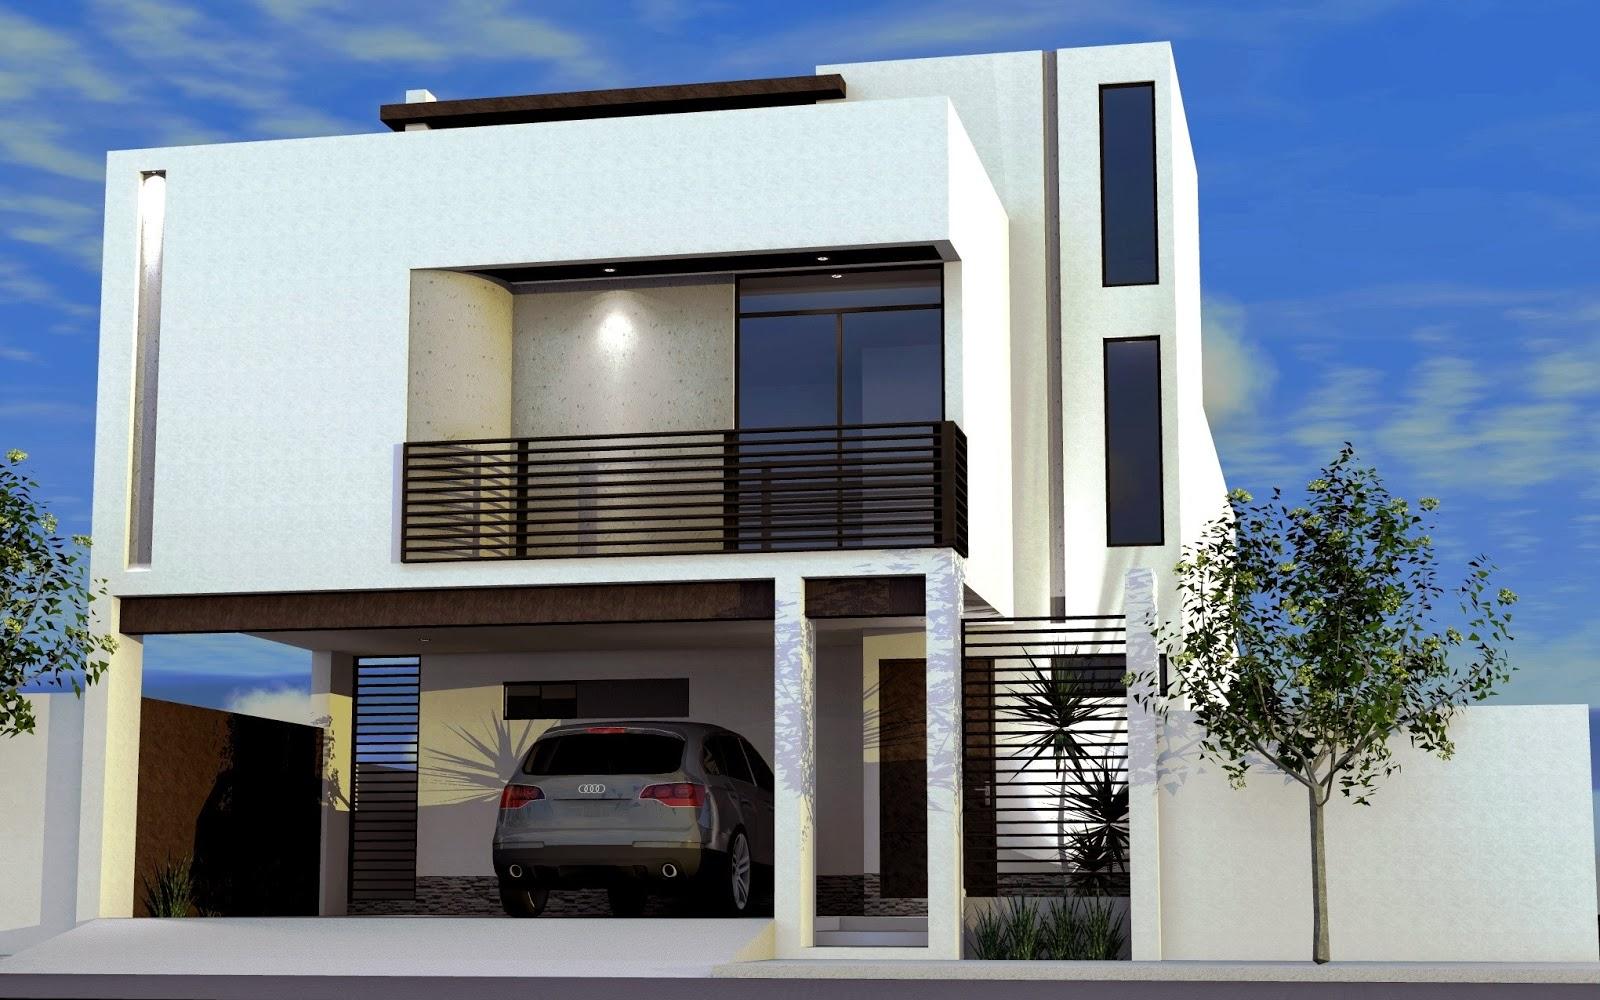 Fachadas de casas modernas fachada moderna y lujosa for Casa contemporanea